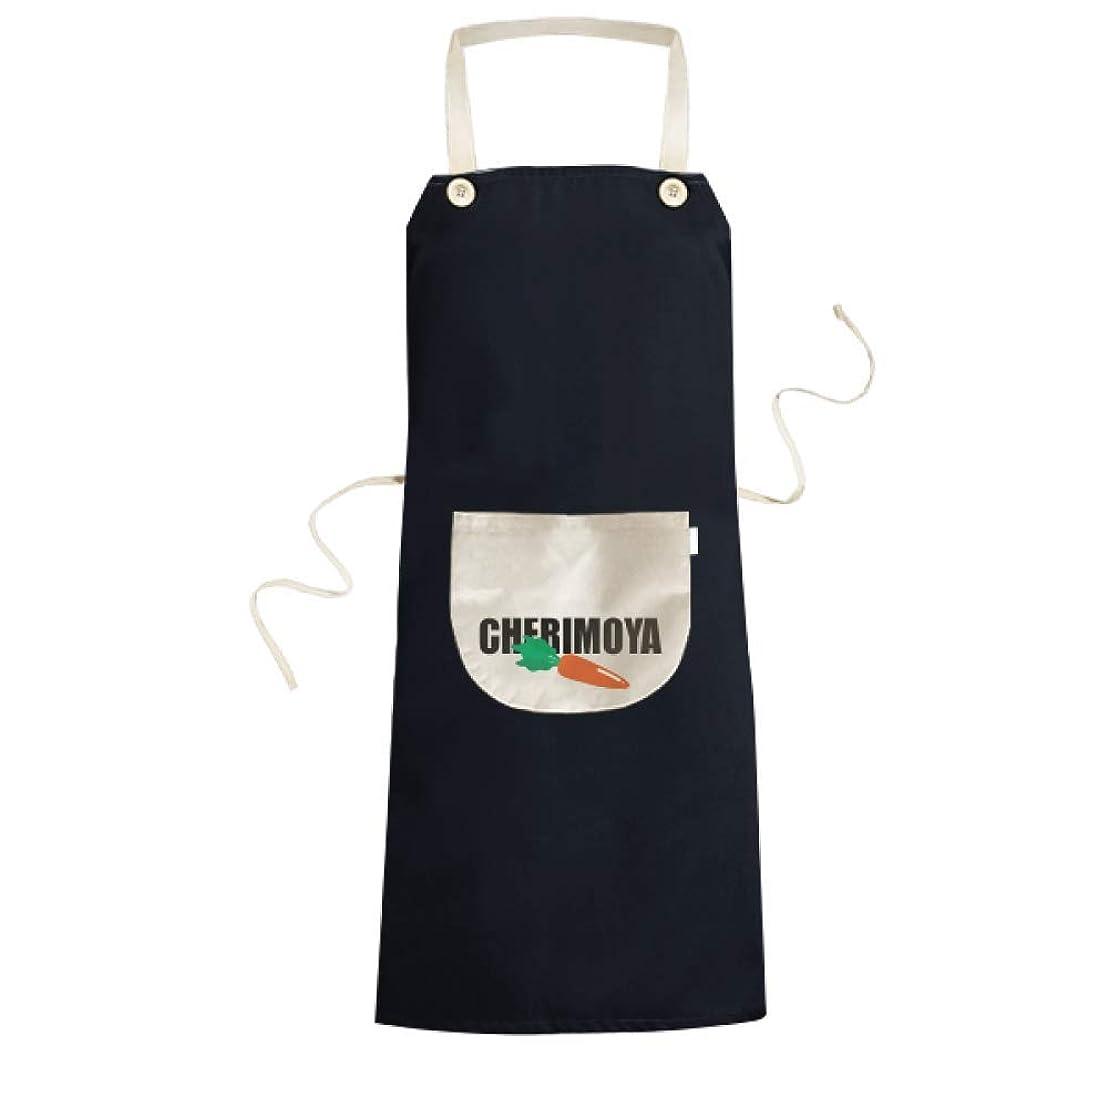 上昇悔い改め影響するチェリモヤ果物名前食物 キッチンは家庭服と野菜のニンジンの黒のエプロン